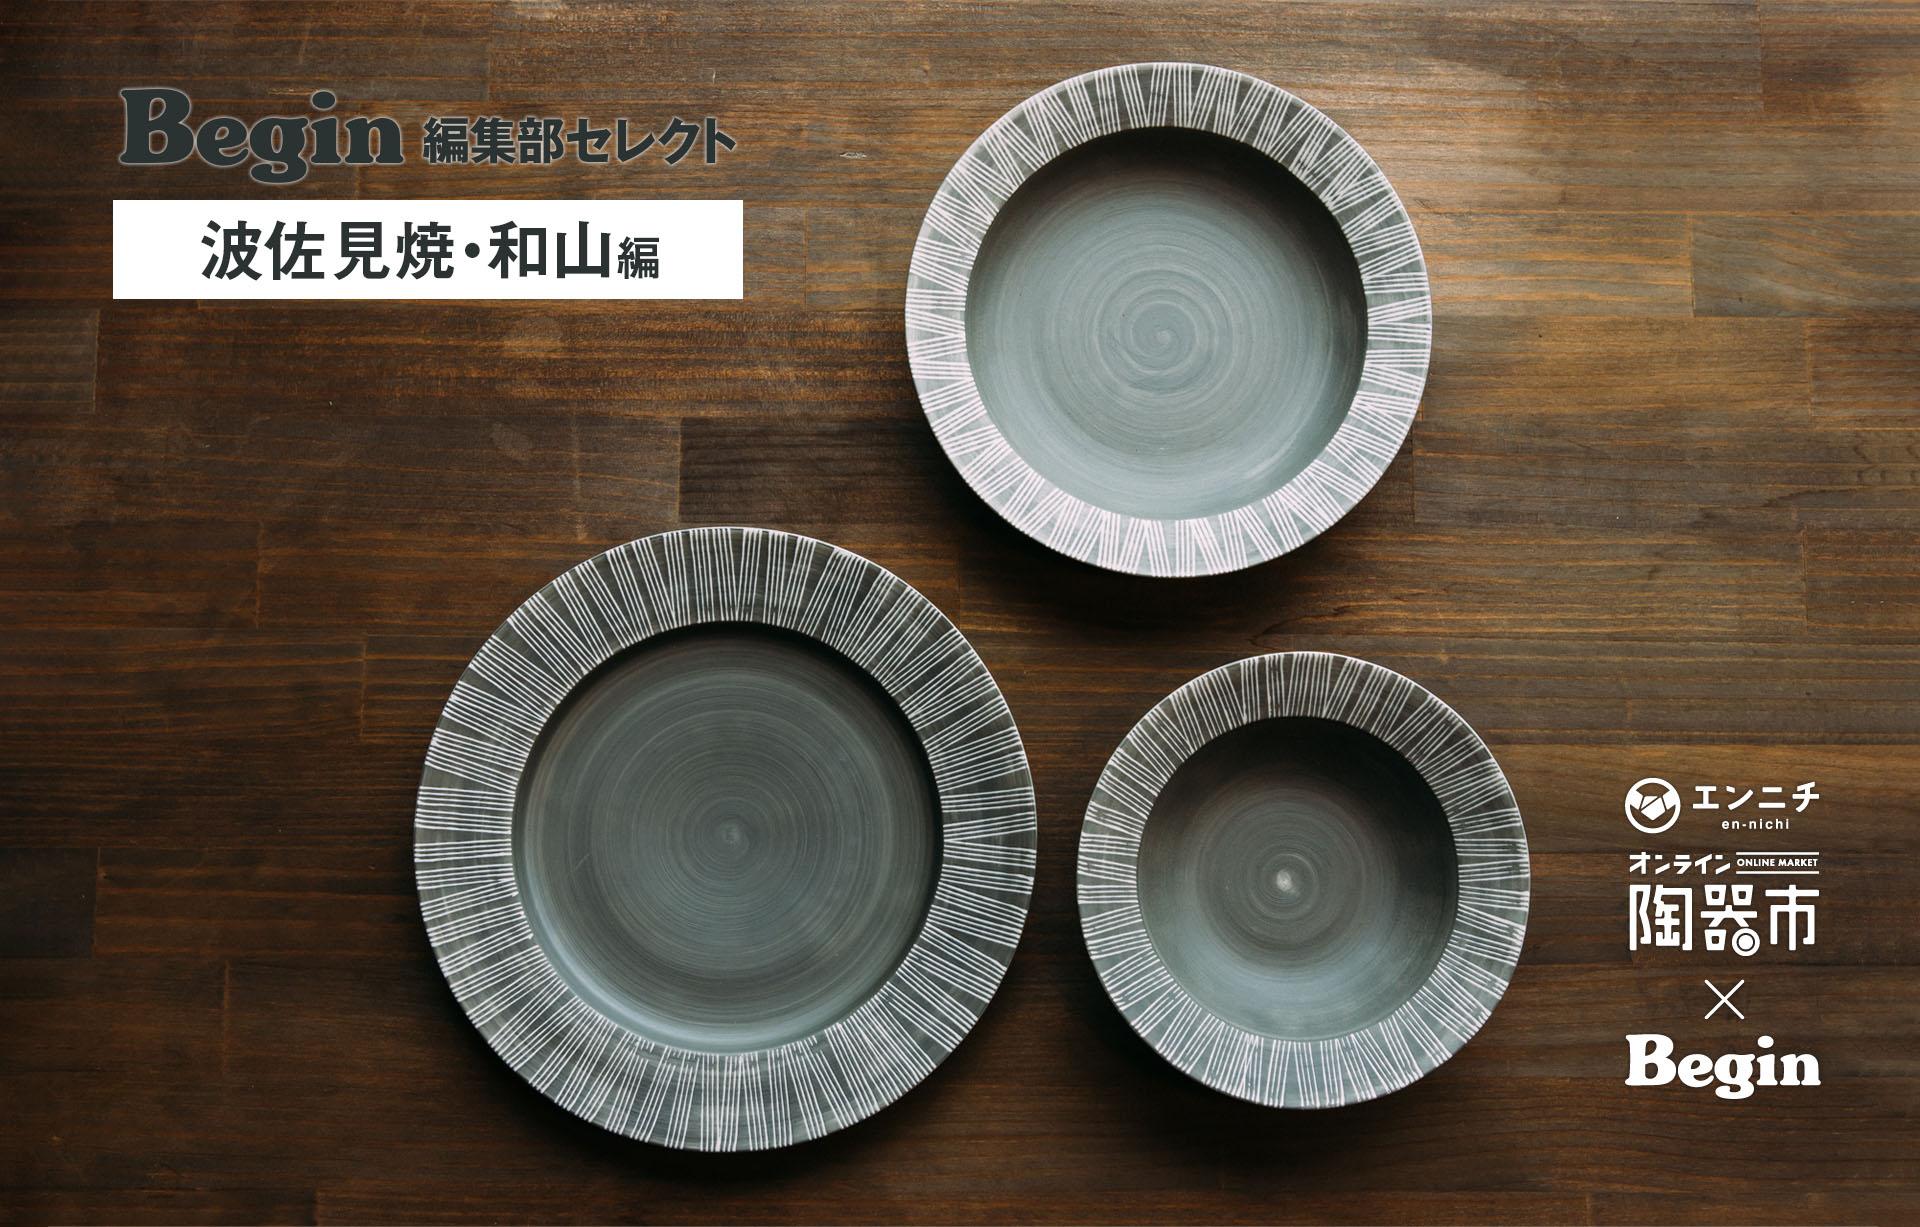 陶器 オンライン 波佐見 市